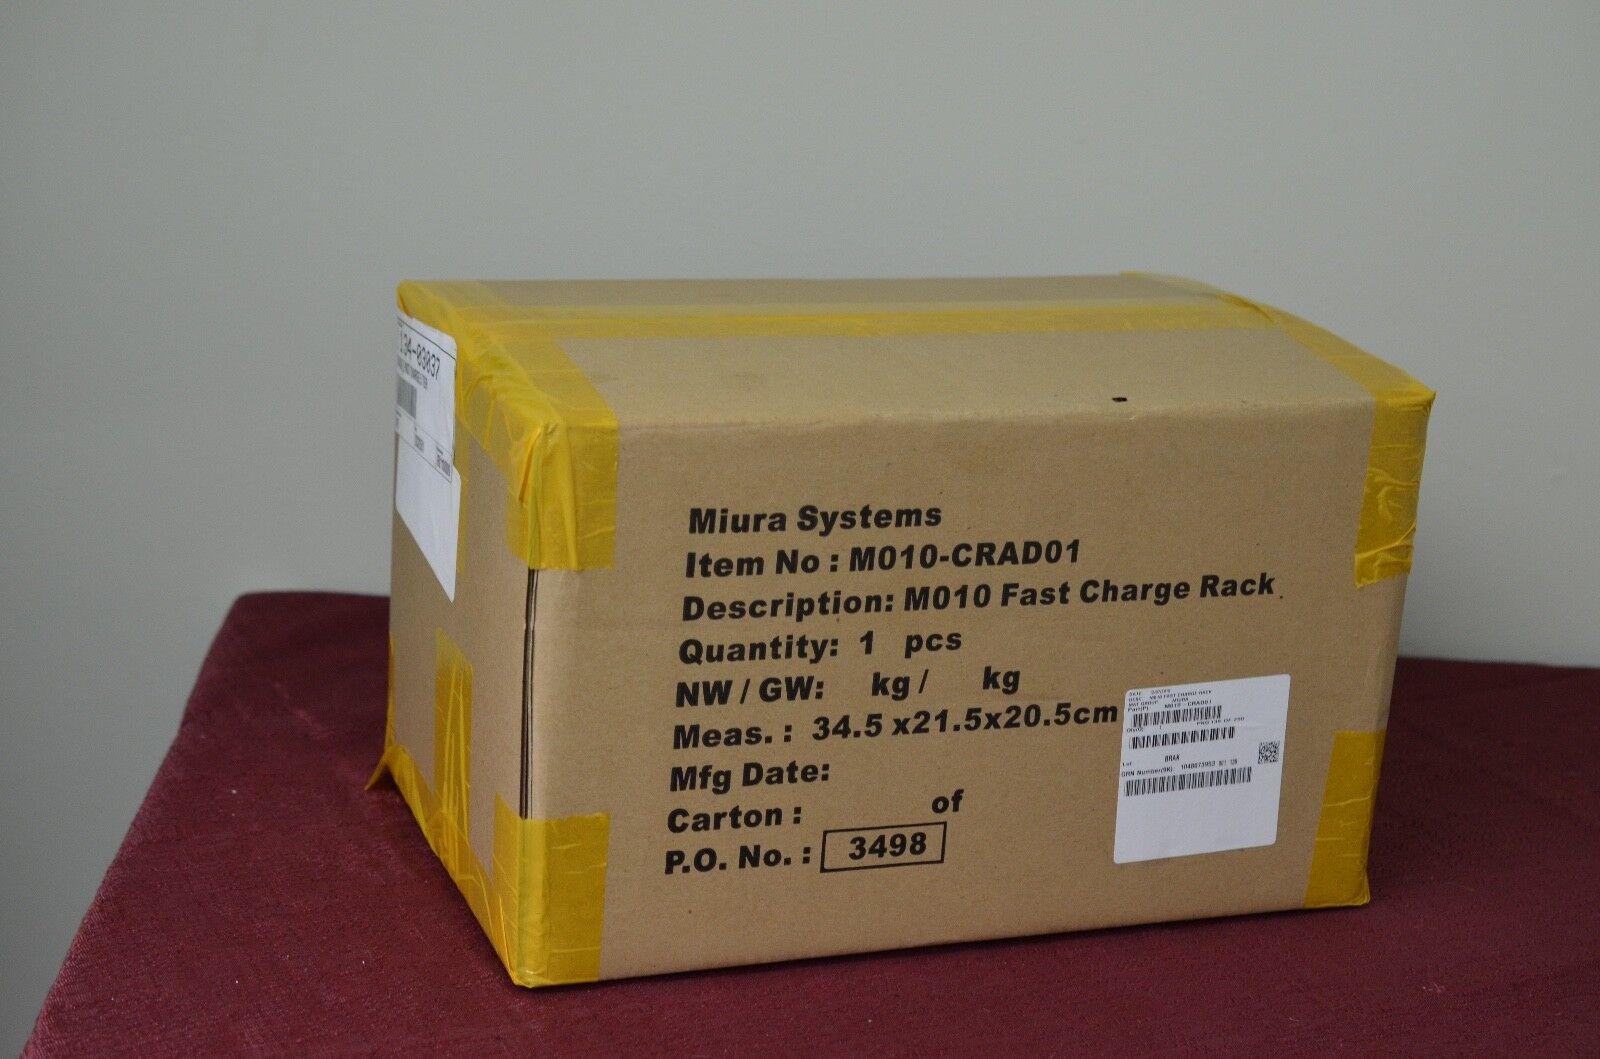 Nuevo Sellado De Fábrica Miura sistemas M010-crad 01  M010 paquete de Cochega rápida  seguro de calidad